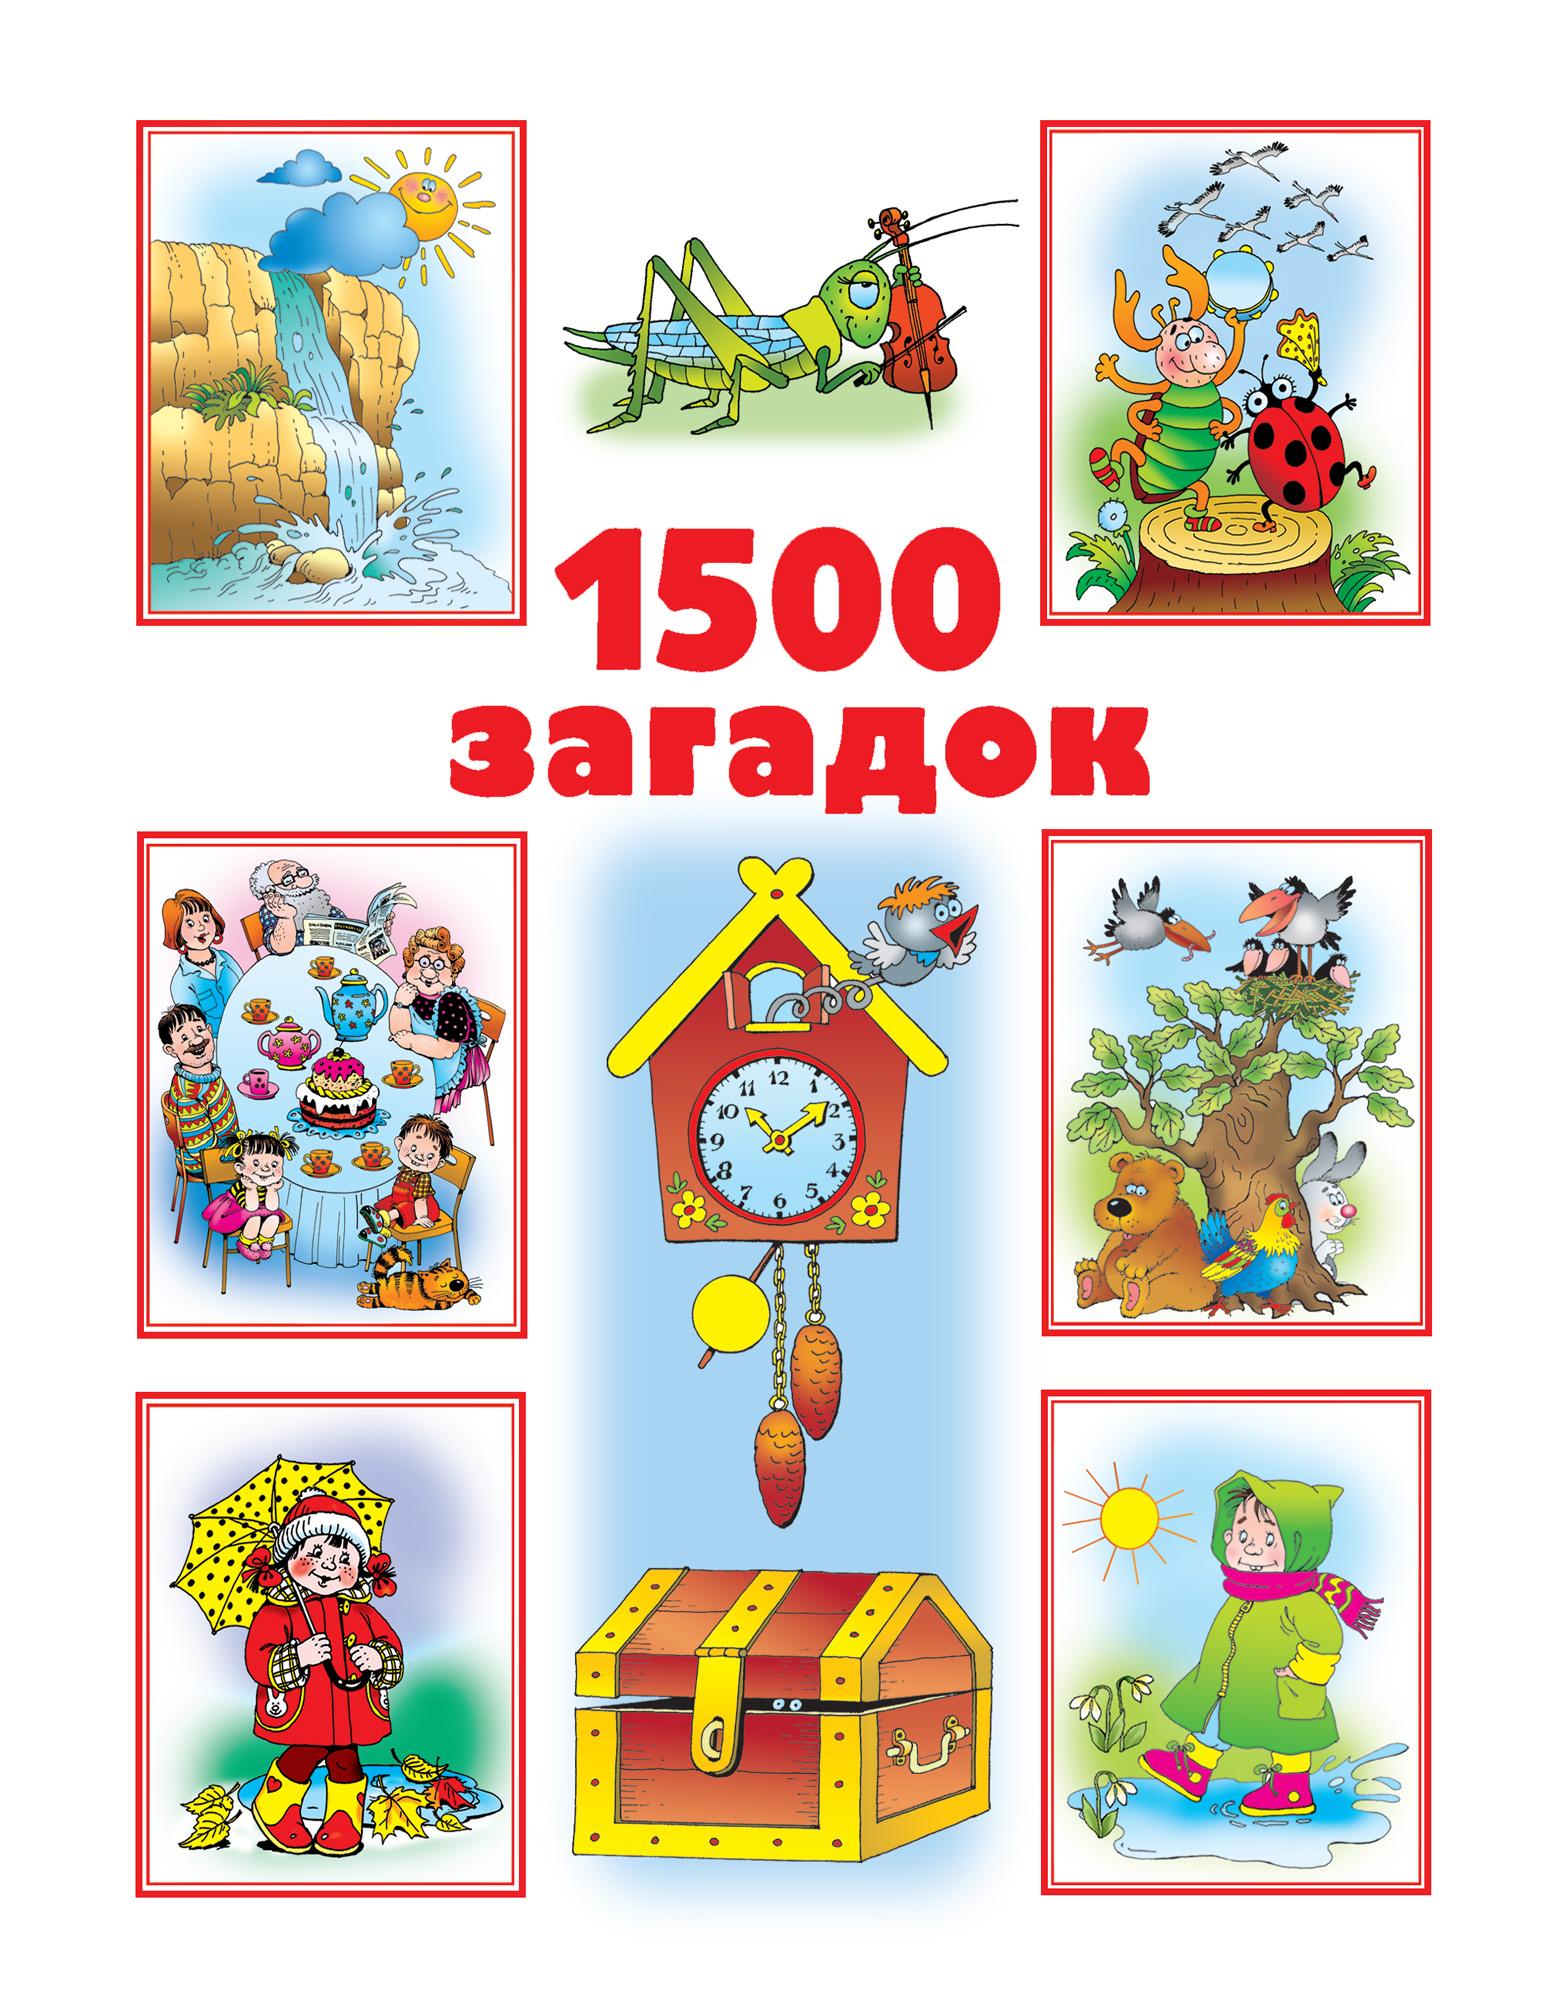 Отсутствует 1500 загадок отсутствует 1000 cказок рассказов стихов загадок для детей от 5 до 7 лет